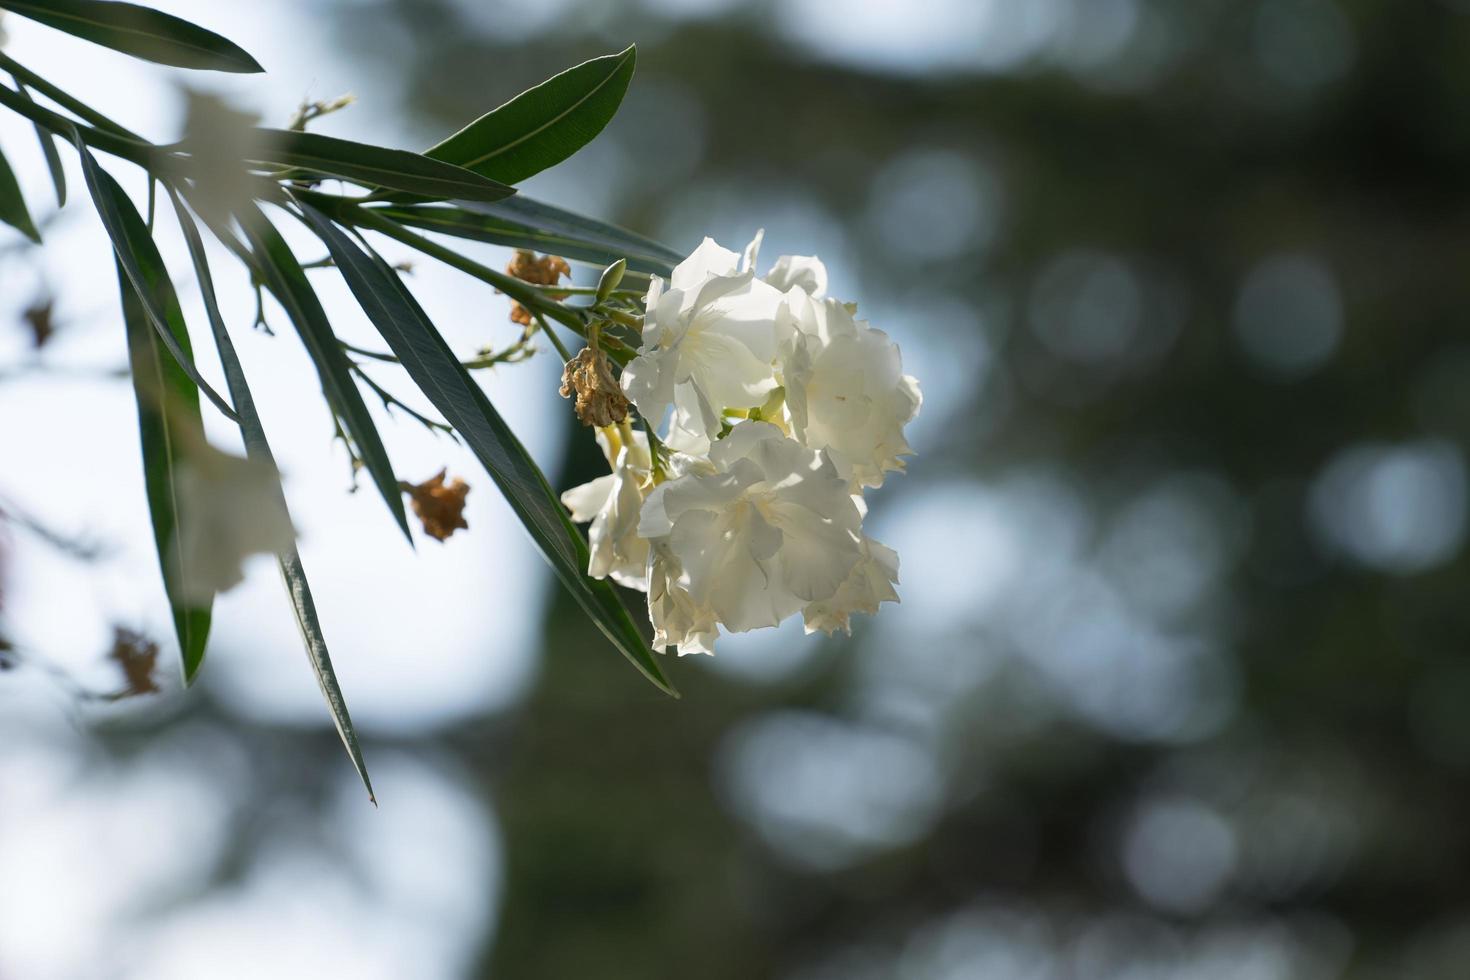 Flor de adelfa blanca sobre fondo gris-verde borroso foto